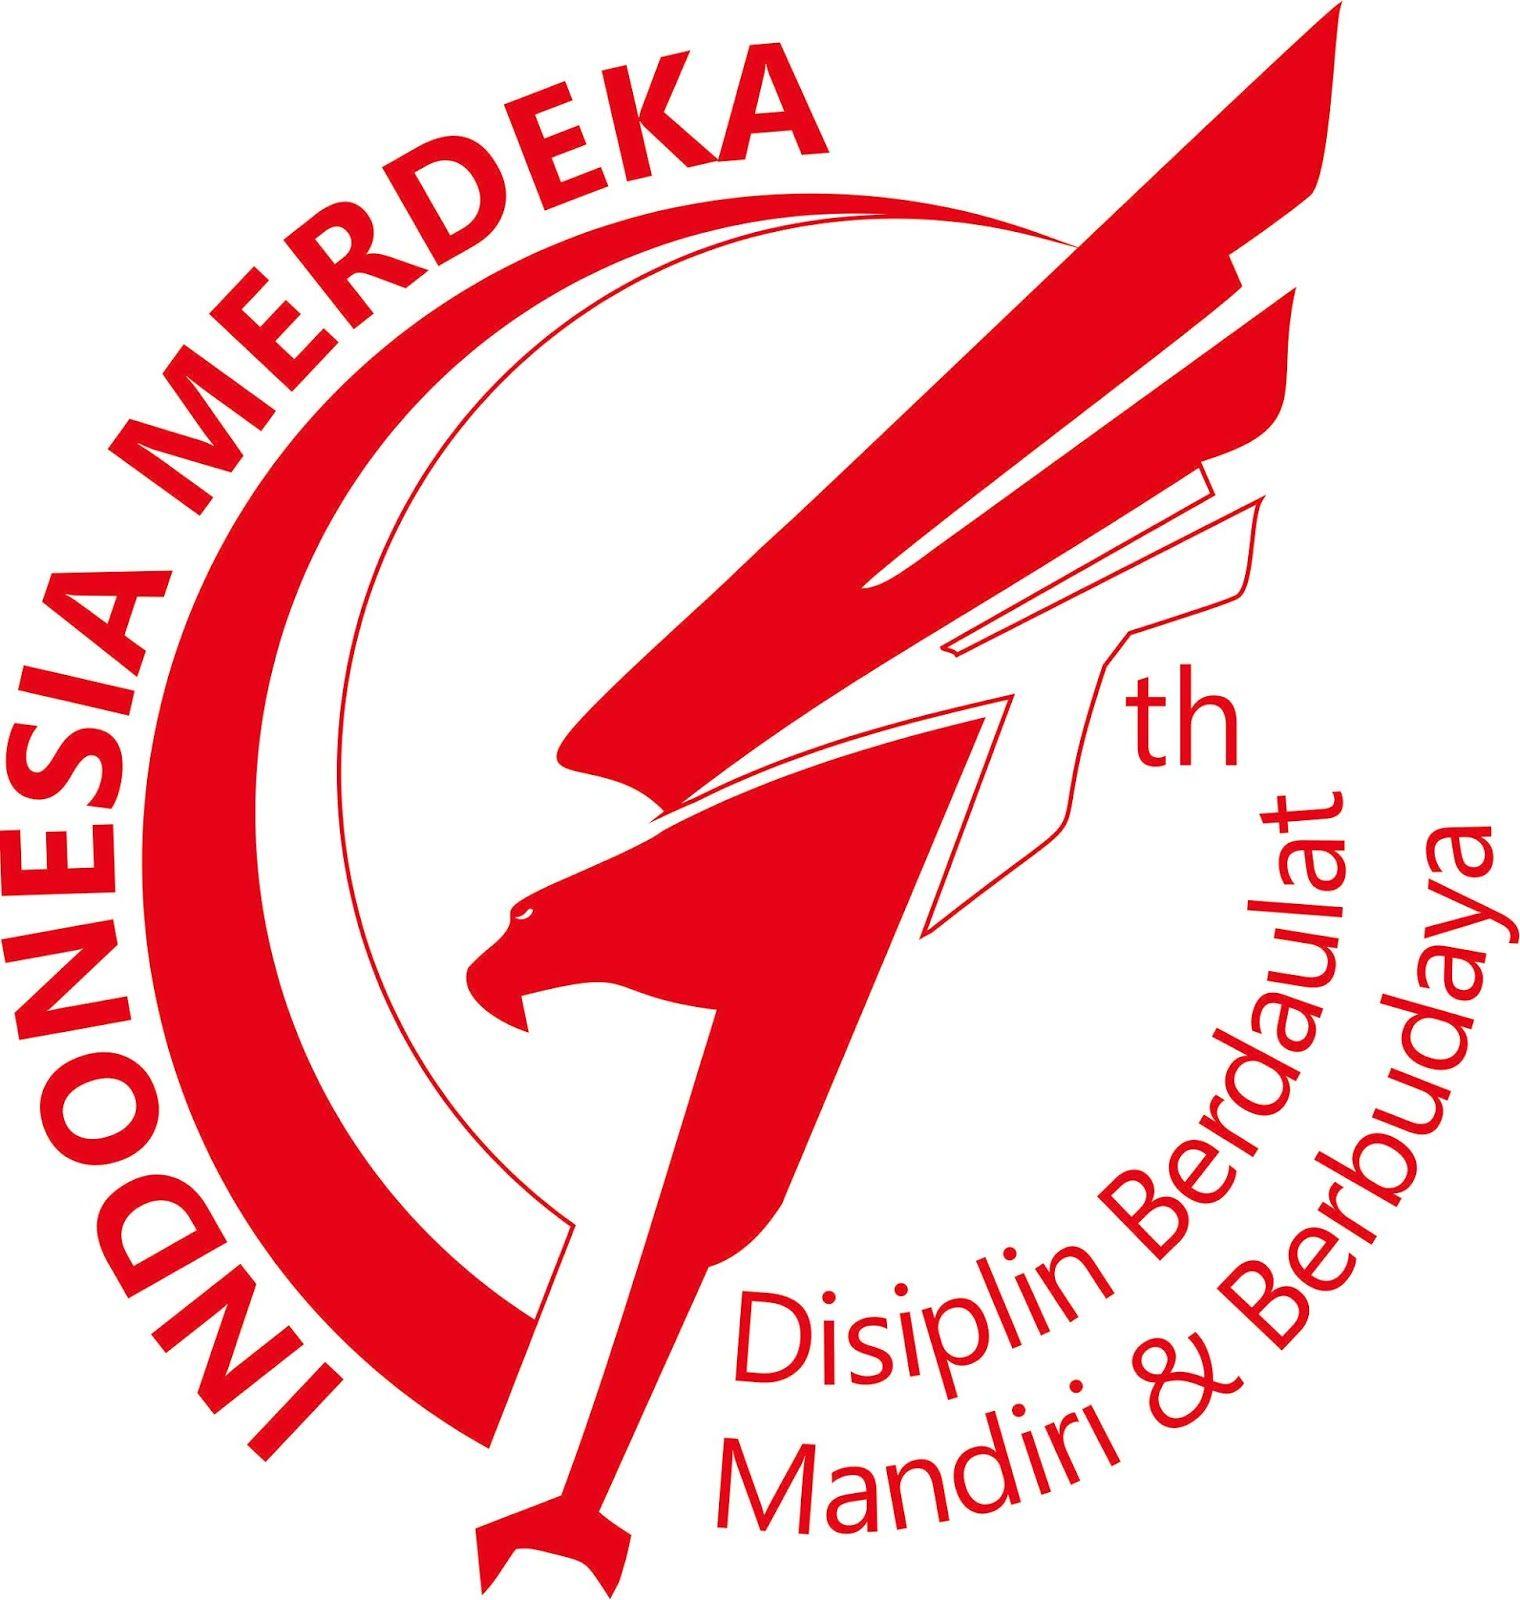 Iman Dan Pancasila Membangun Indonesia Iman, Pemerintah